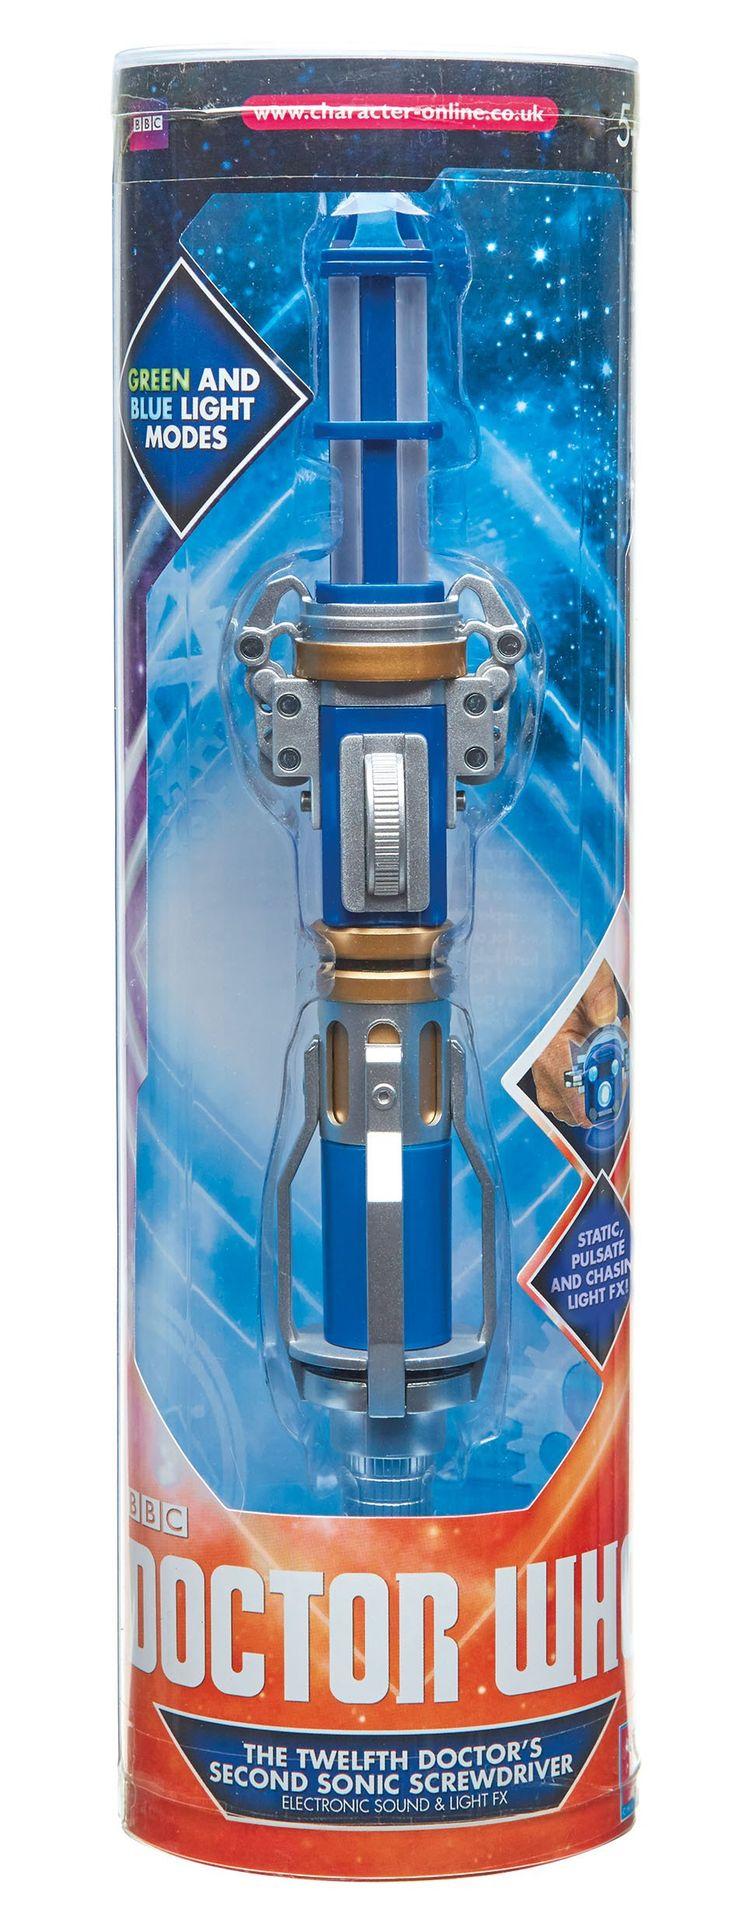 Twelfth Doctor second sonic screwdriver